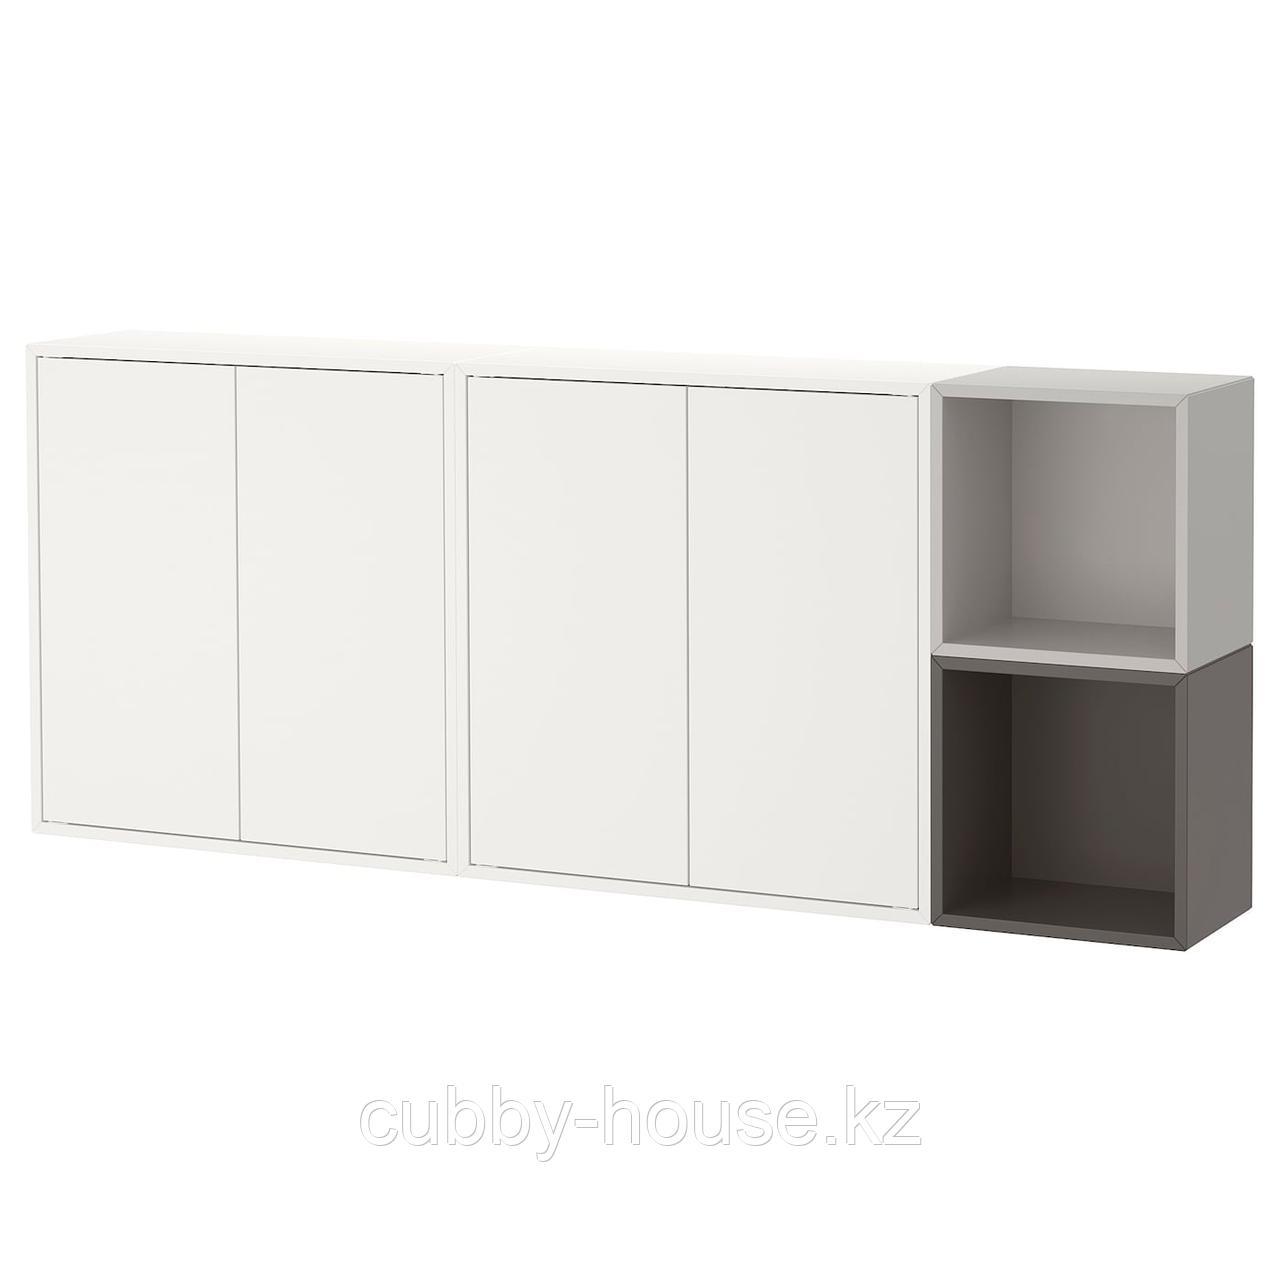 ЭКЕТ Комбинация настенных шкафов, белый, под беленый дуб, 175x25x70 см